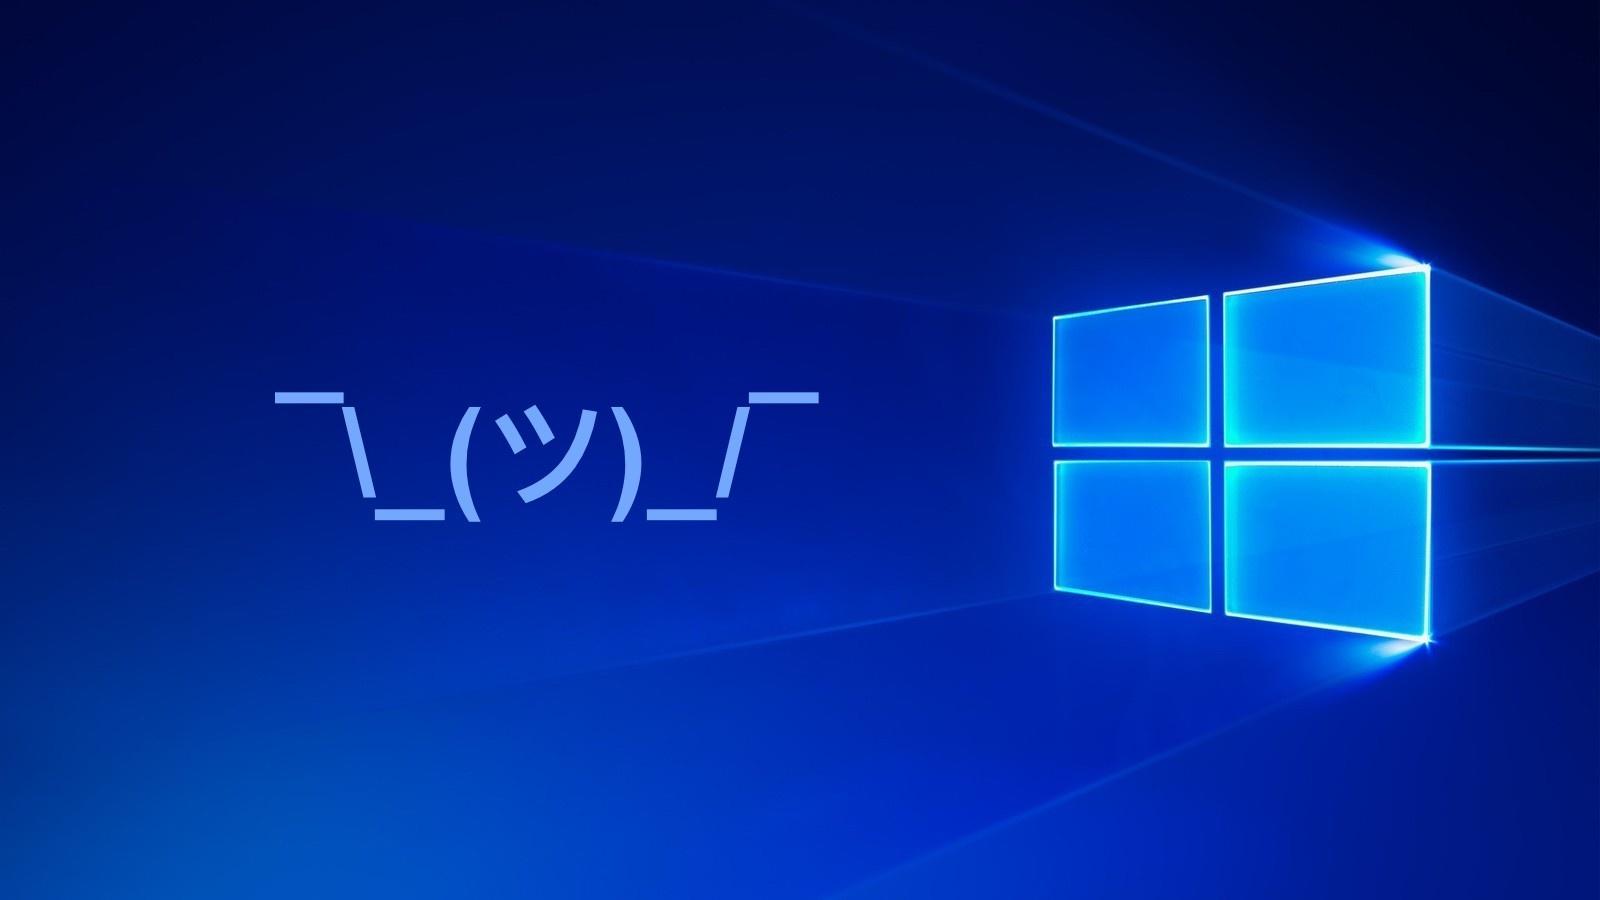 Последнее обновление Windows 10 принесло ворох проблем